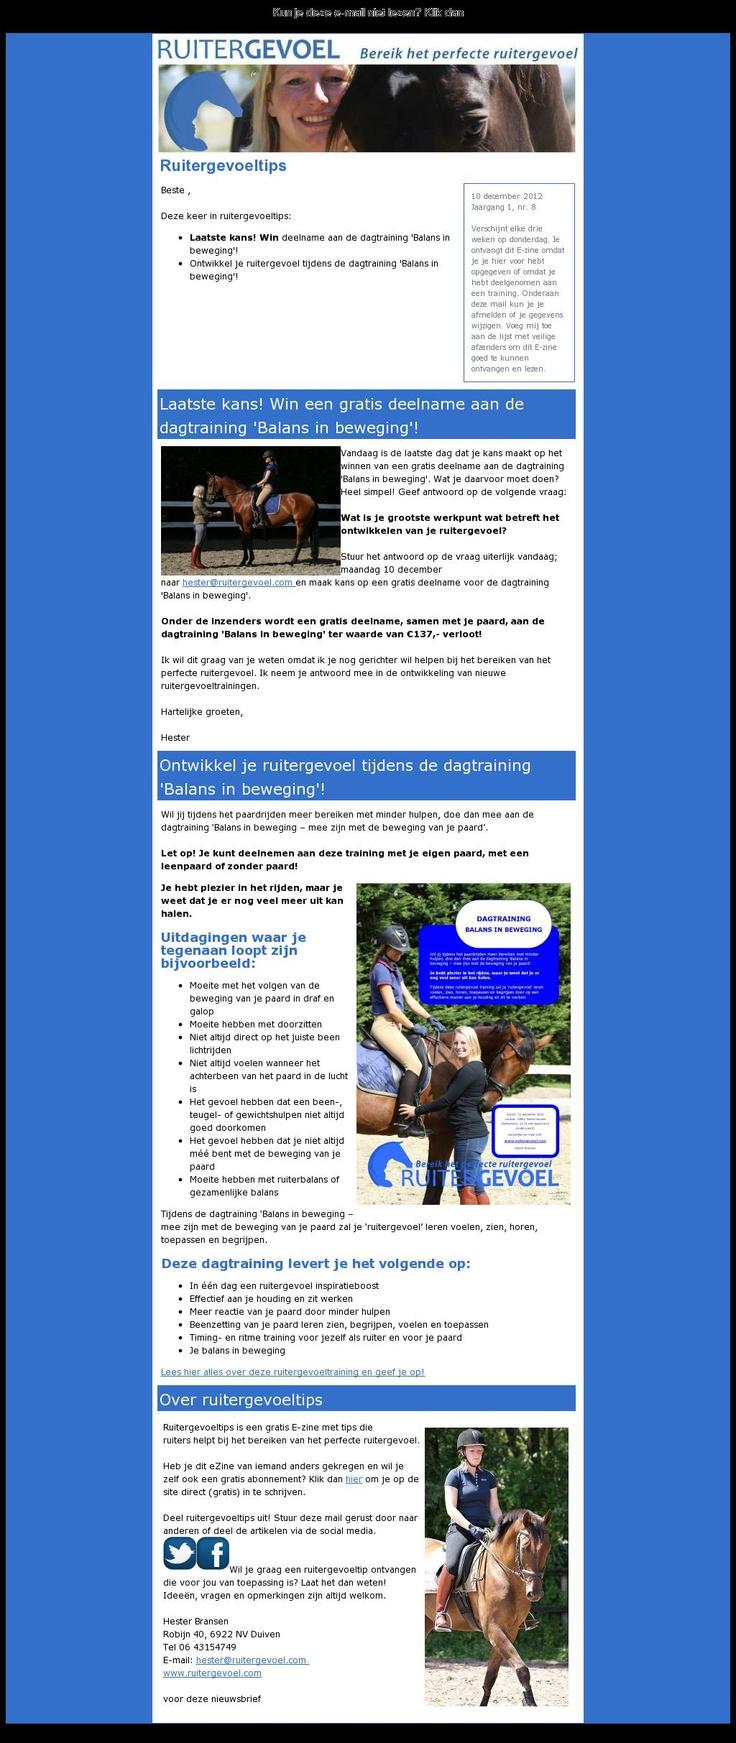 Nieuwsbrief van Ruitergevoel (bereik het perfecte ruitergevoel) http:www.ruitergevoeg.nl